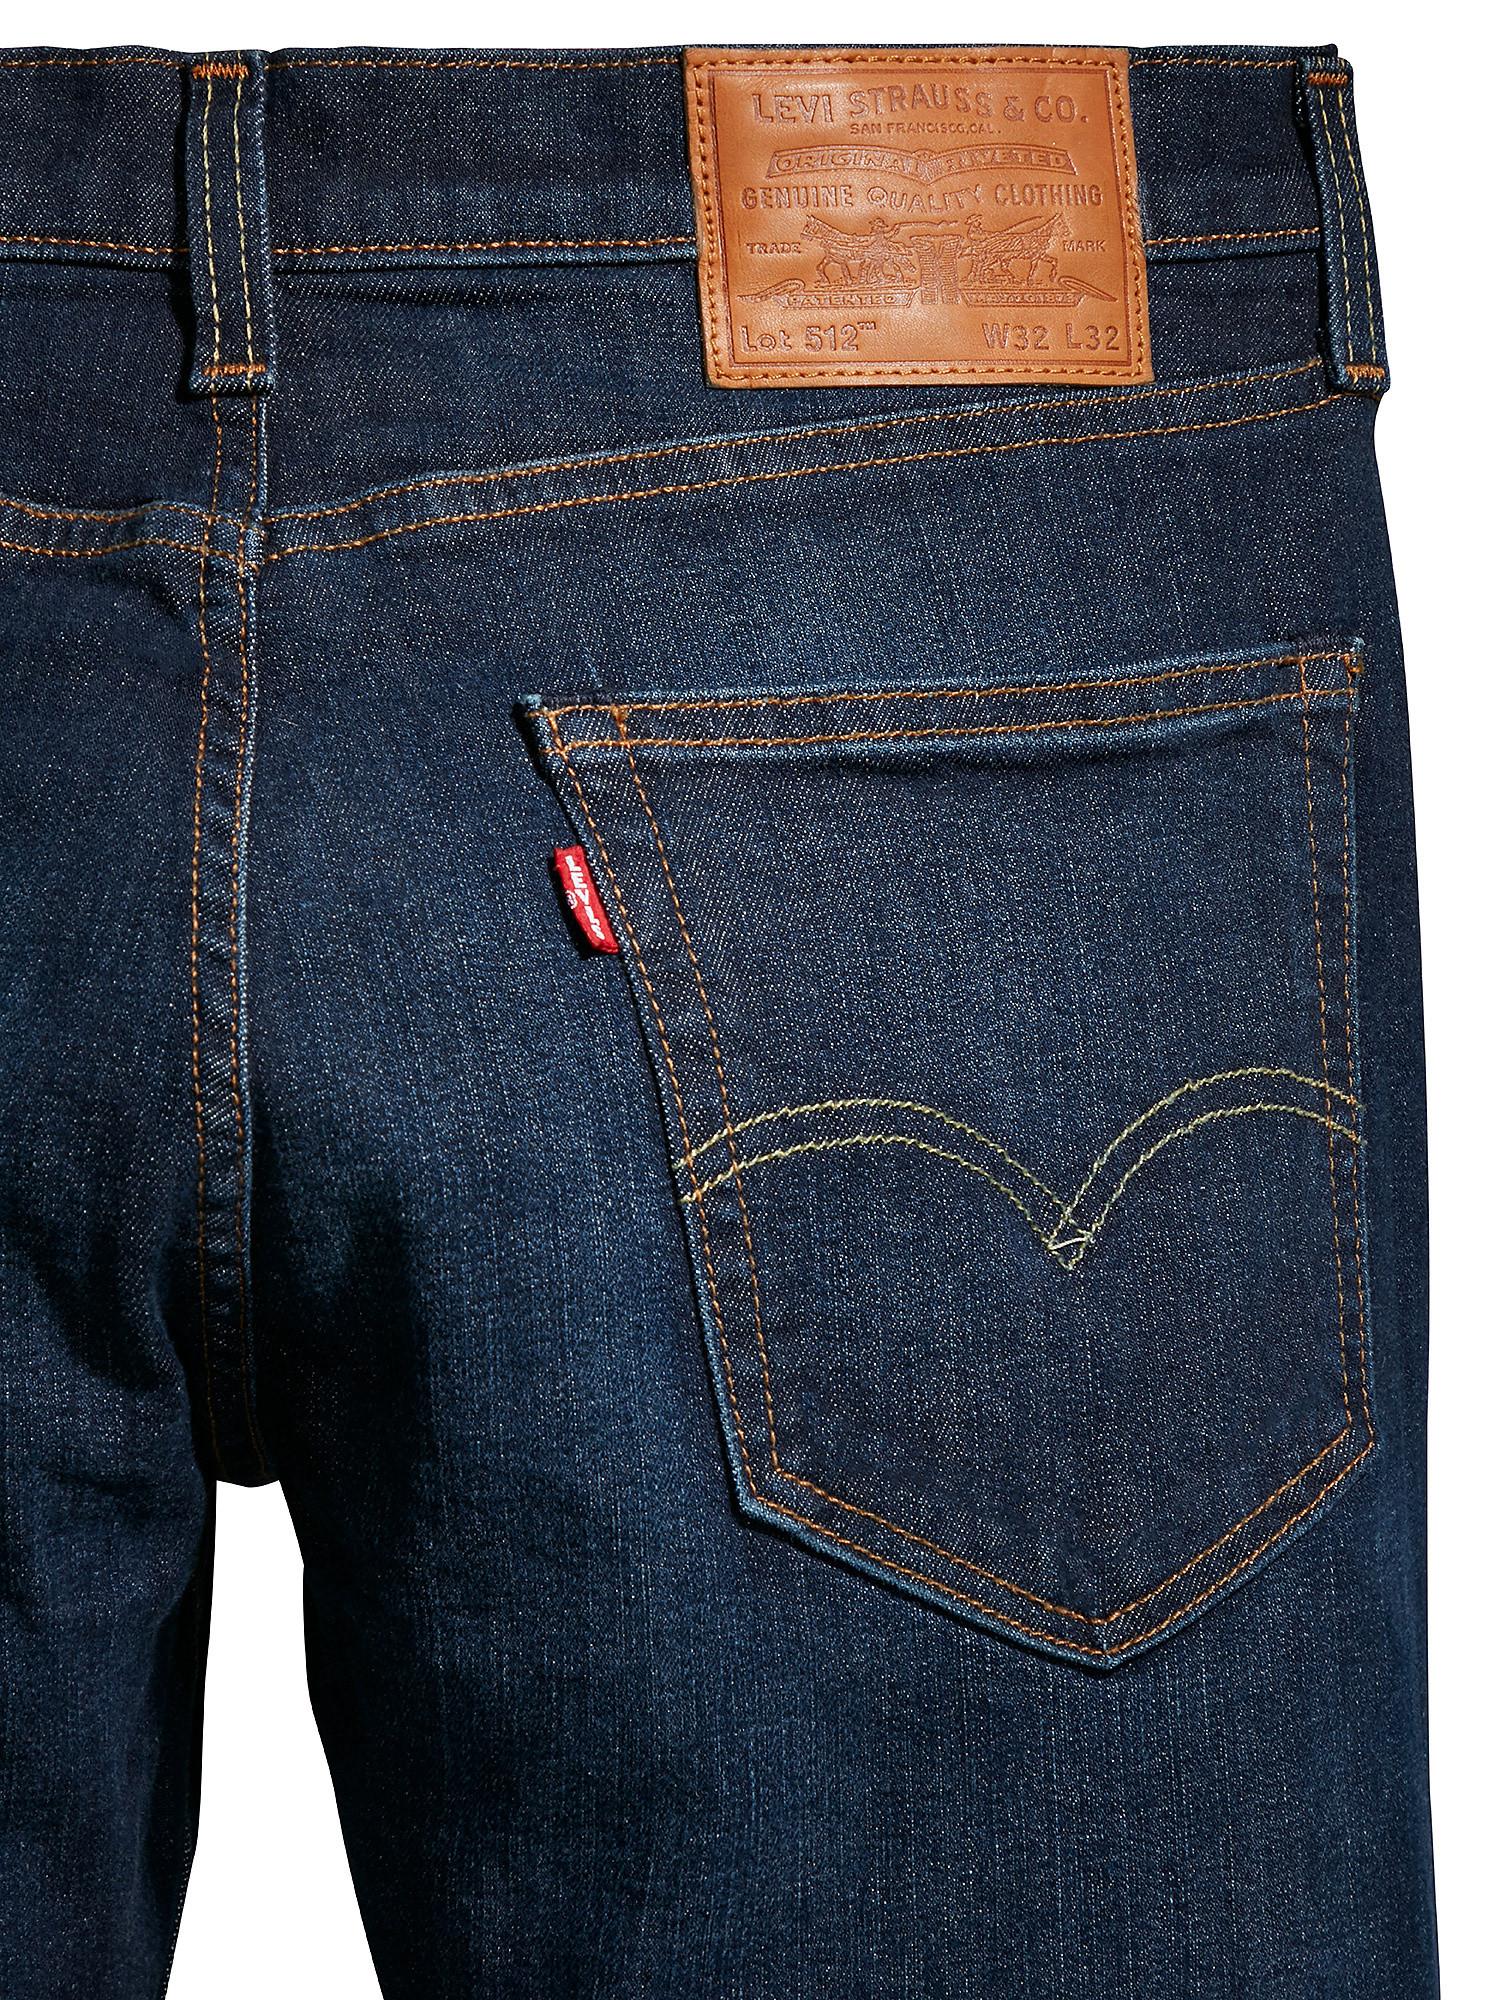 Jeans 5 tasche 512 Slim Taper, Denim, large image number 1